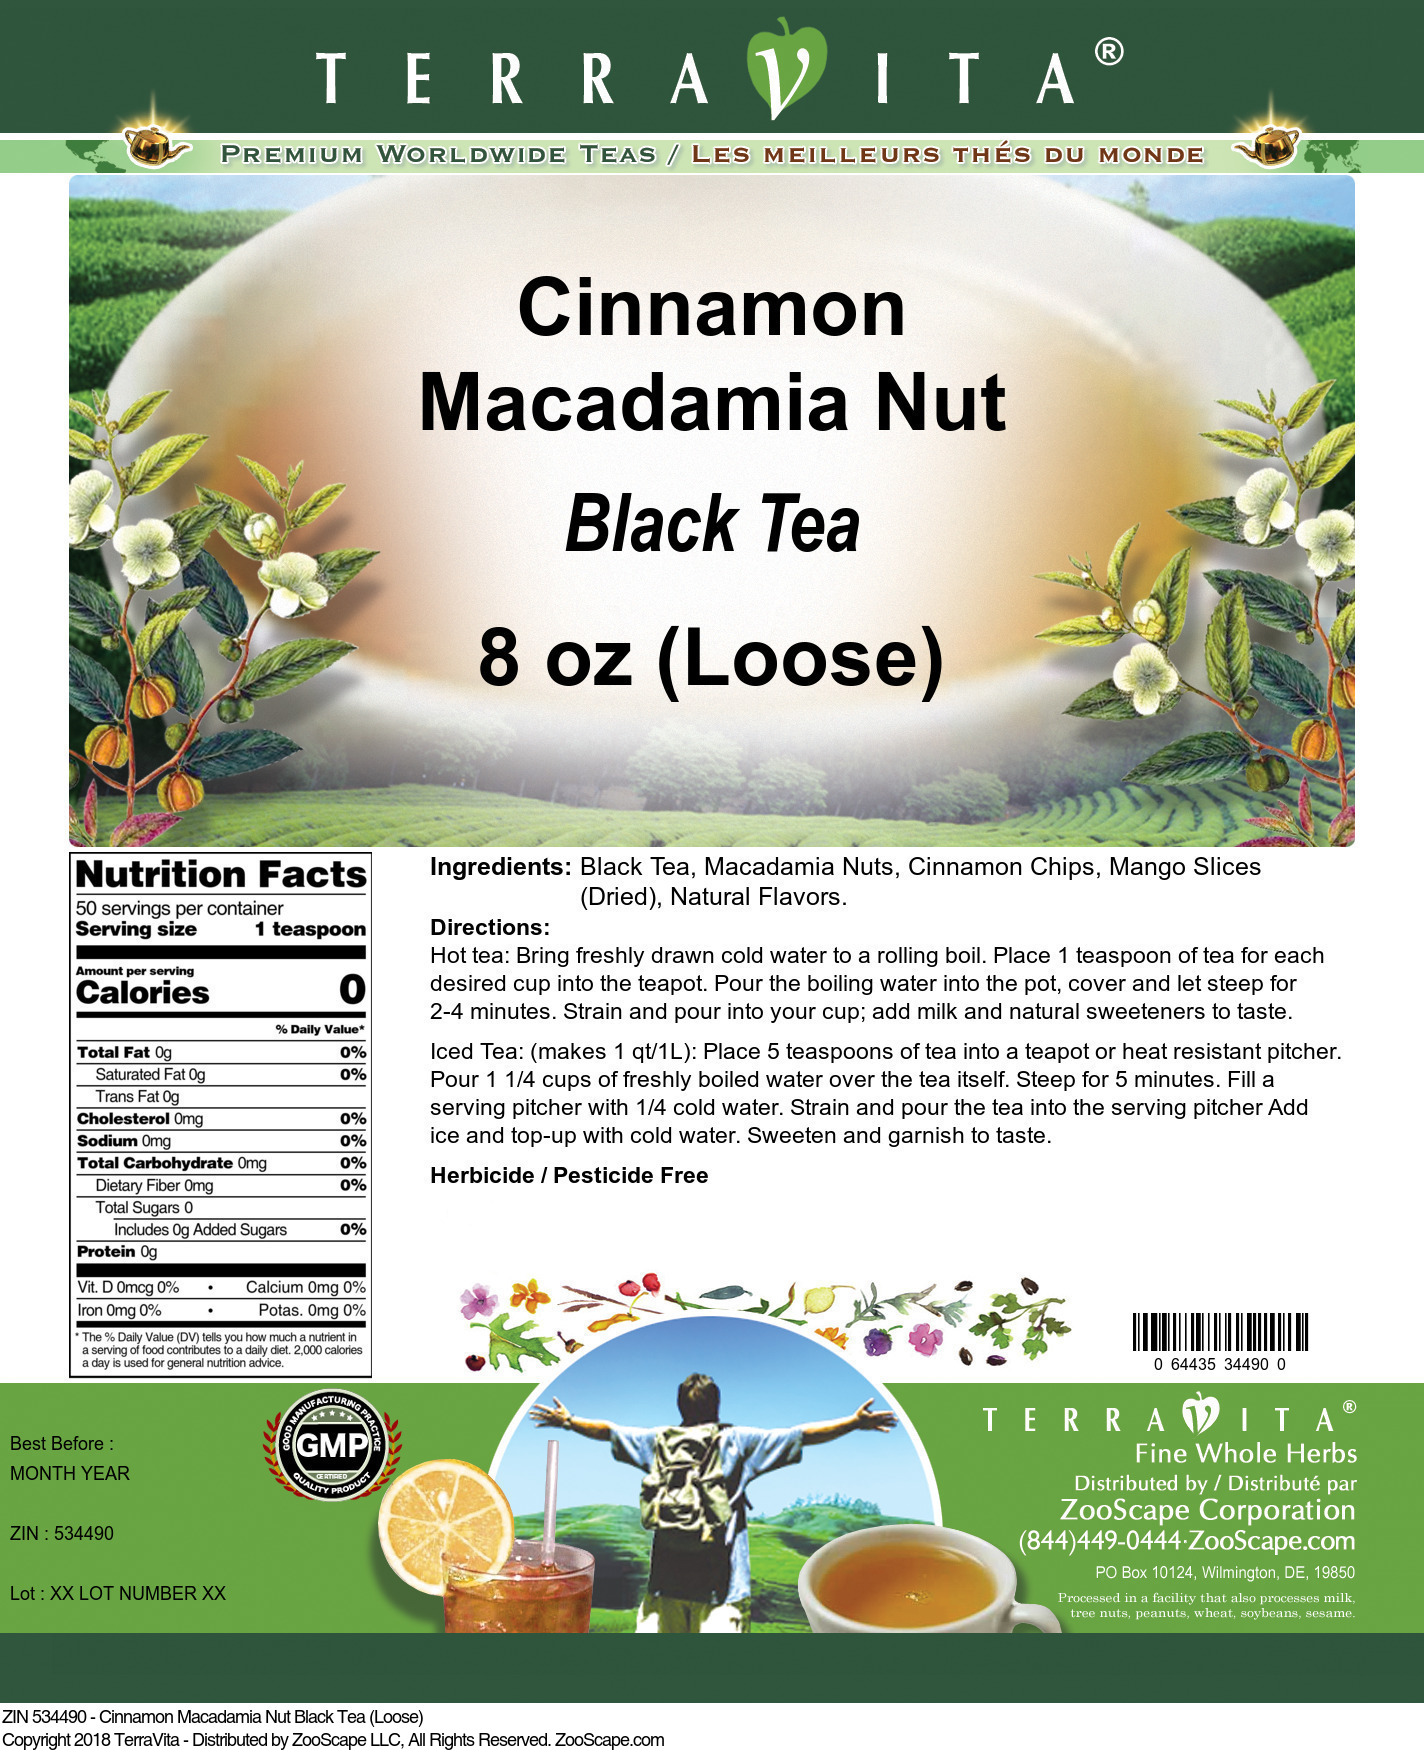 Cinnamon Macadamia Nut Black Tea (Loose)